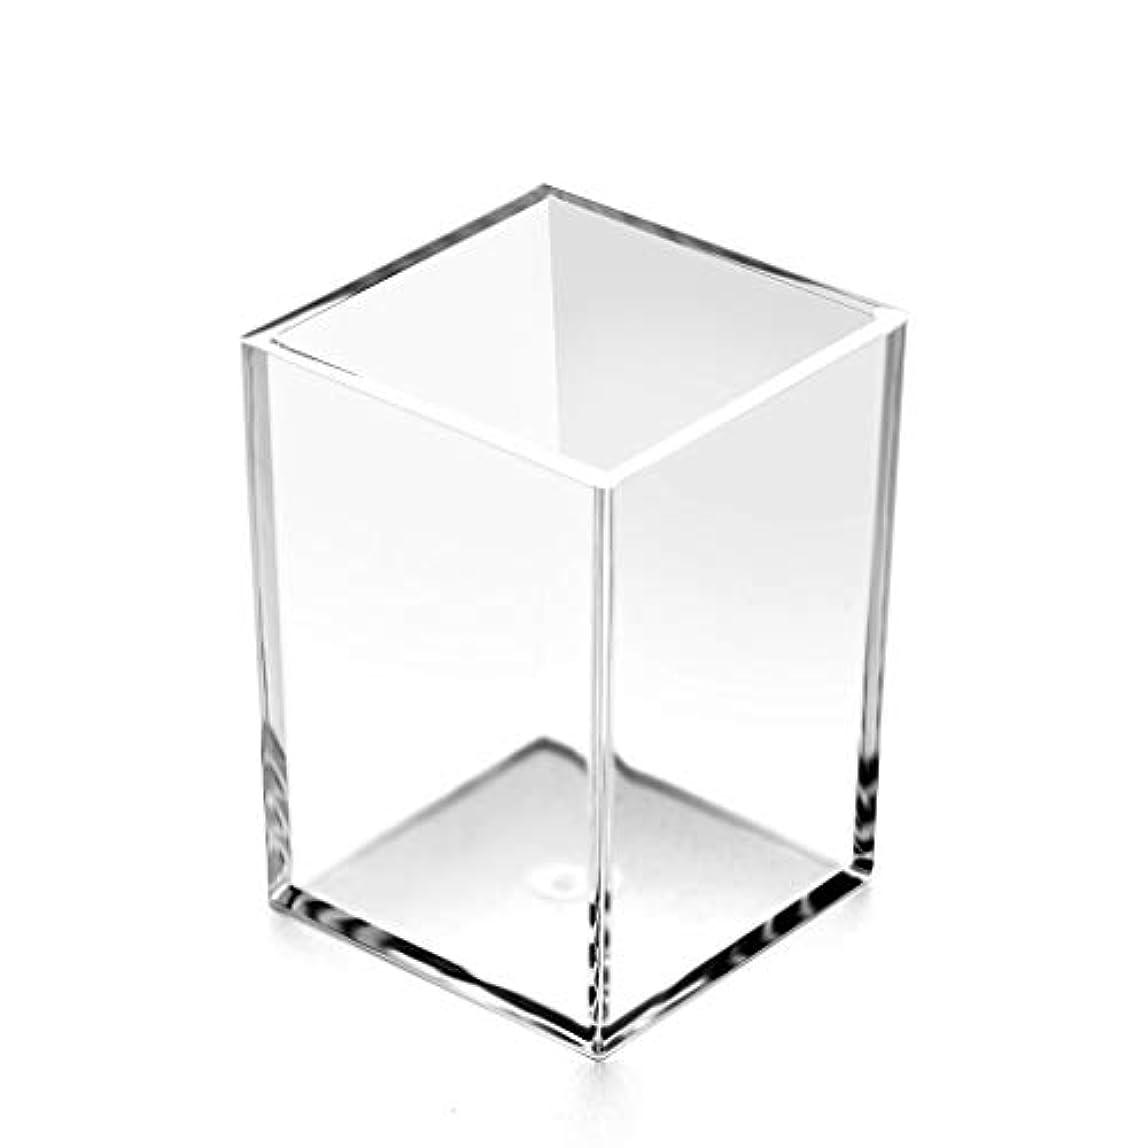 薬めんどり半ばRiLiKu アクリルペン立て 鉛筆ホルダー 透明 卓上文房具収納ボックス メイクブラシ収納ボックス